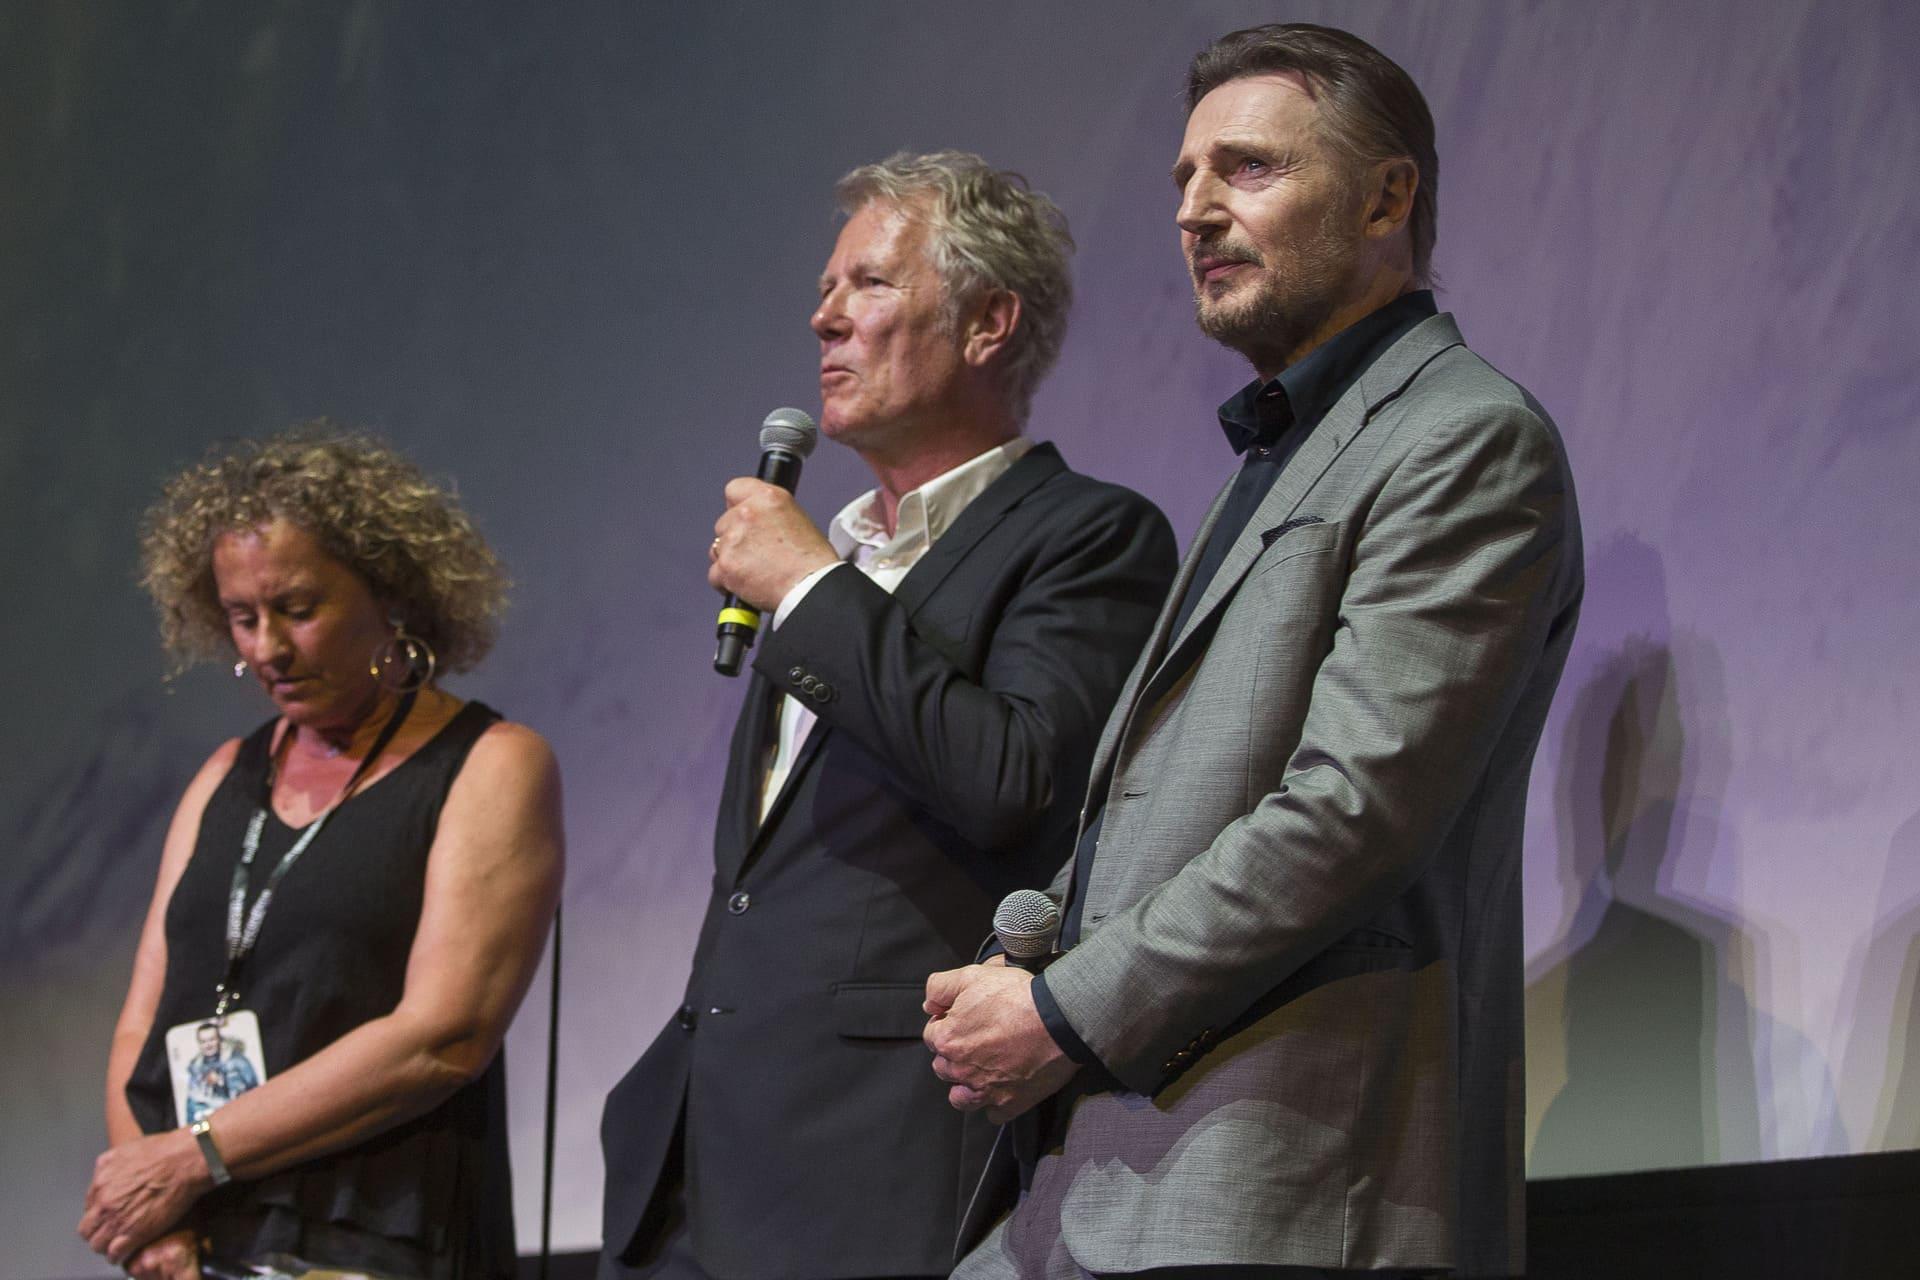 Hans Petter Moland hablando a la audiencia  junto a Leam Neeson antes del pase de presentación de la película.